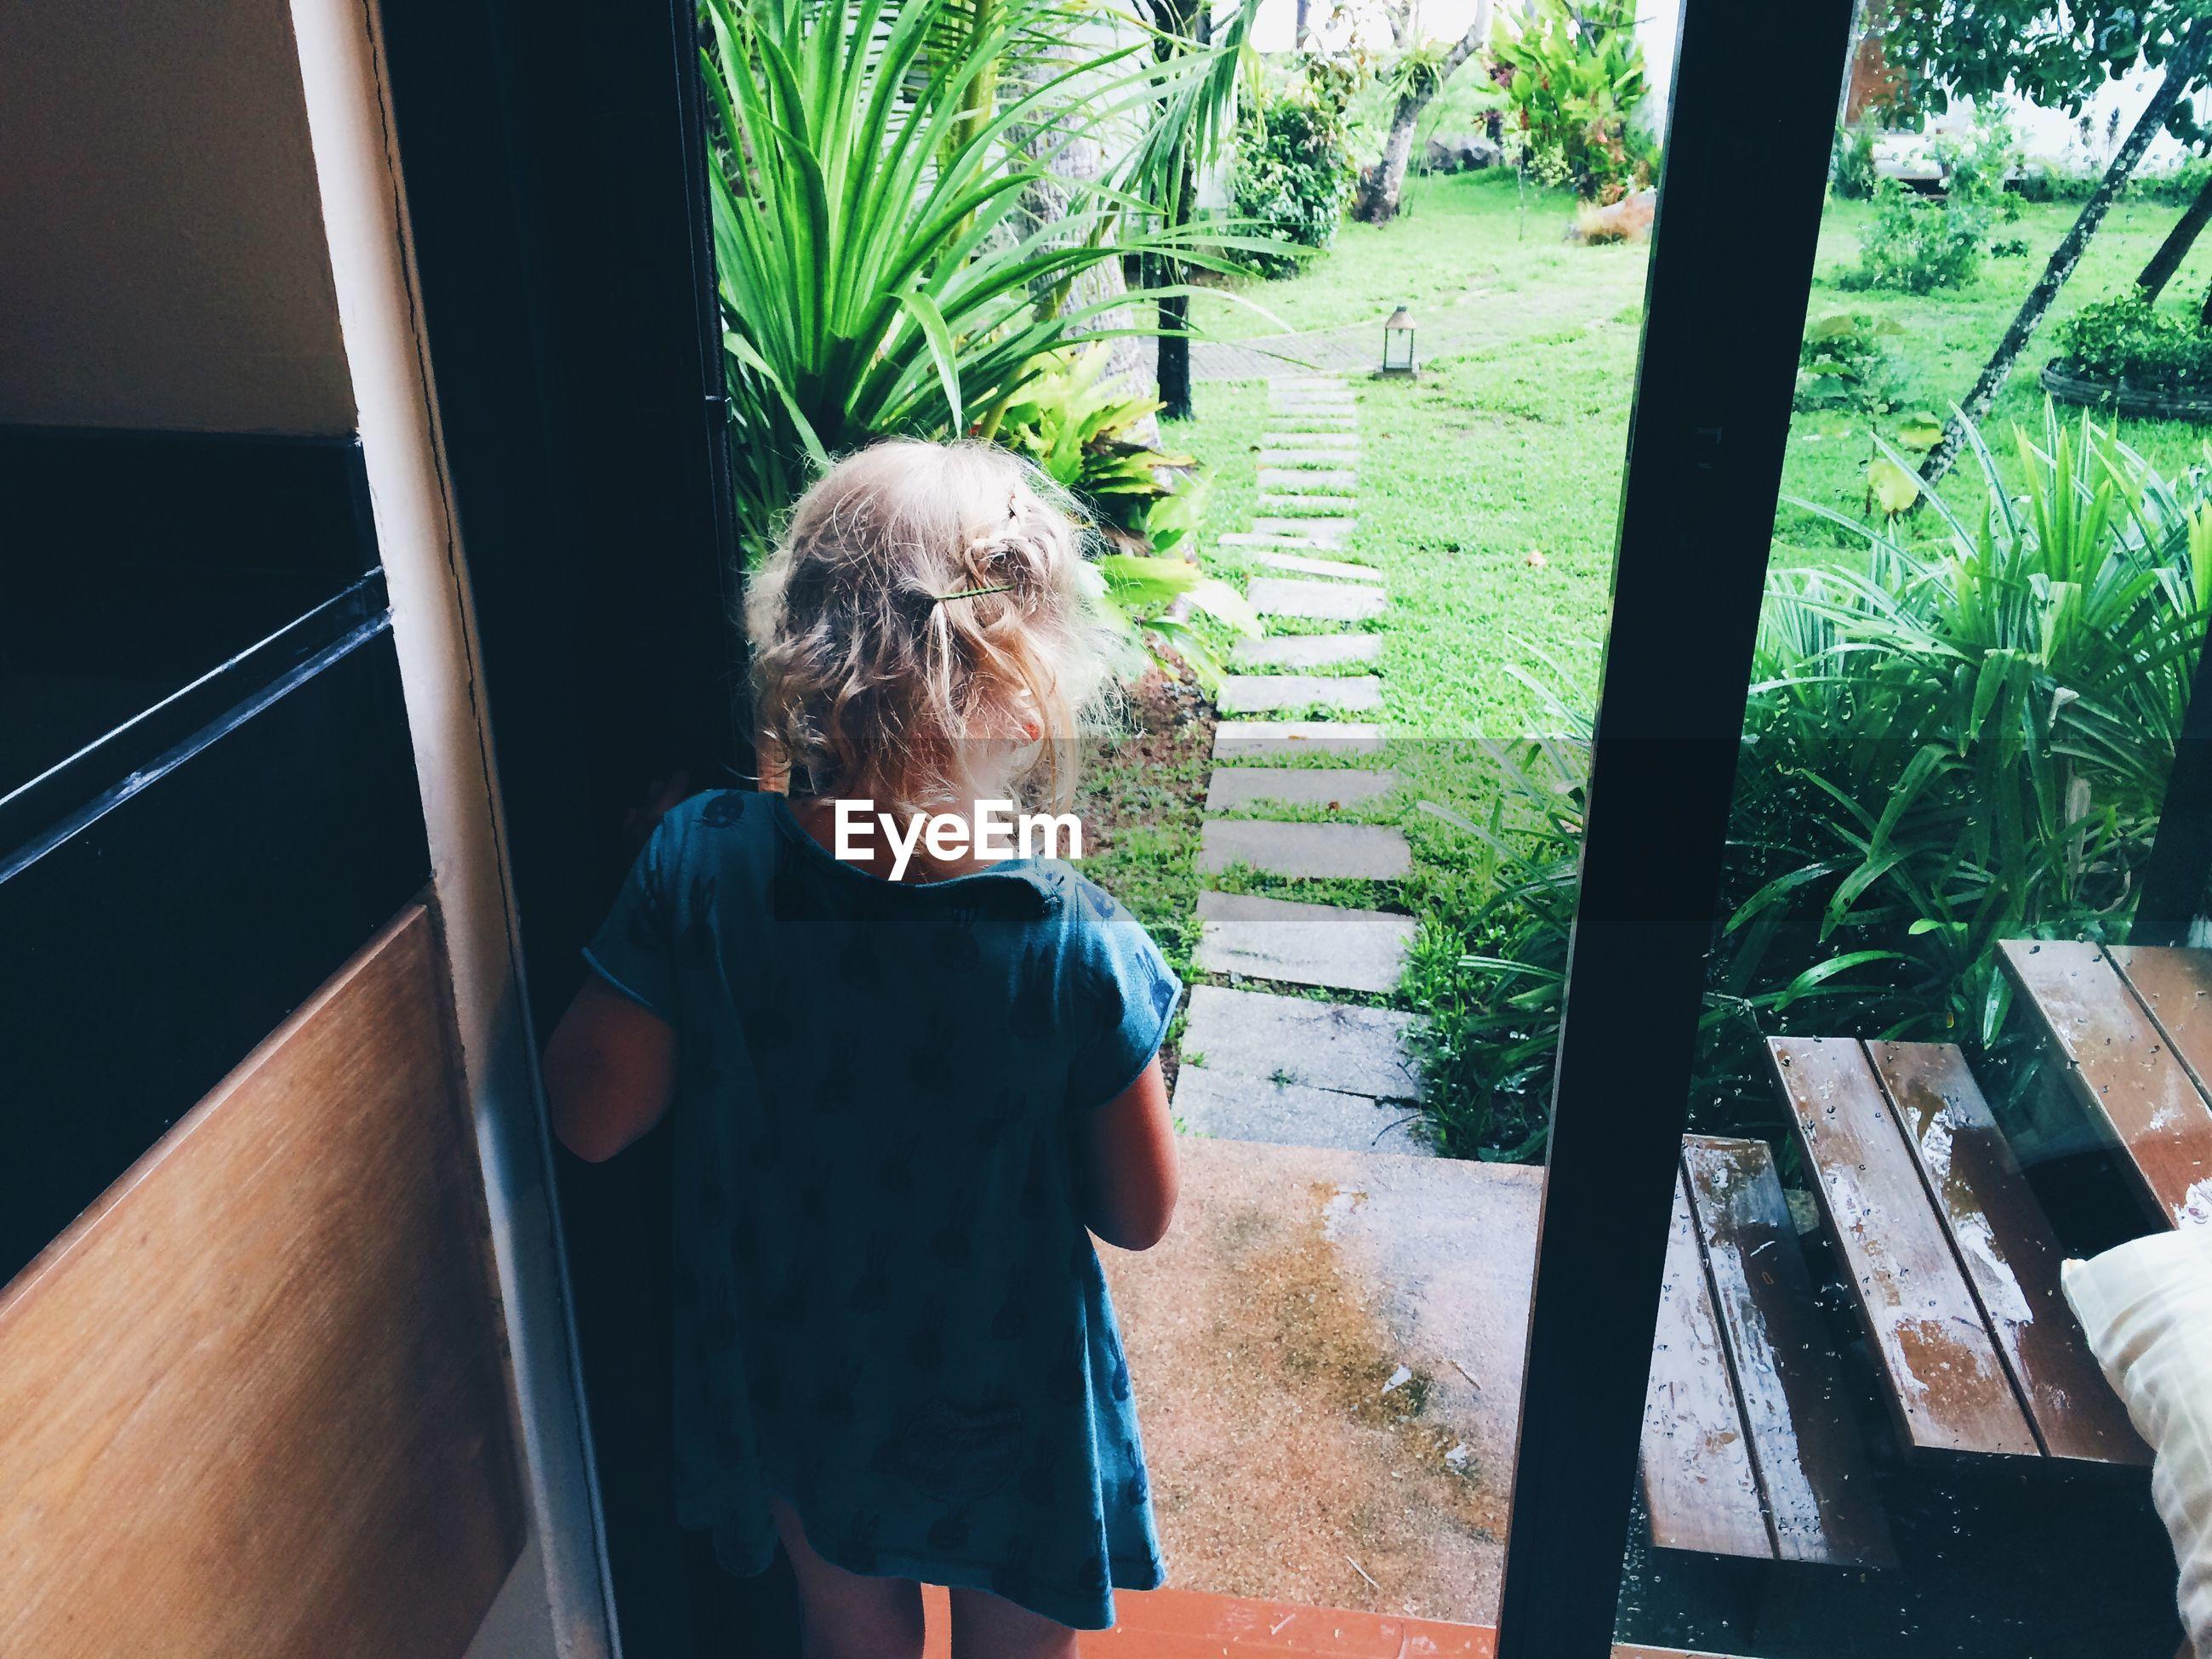 Rear view of young girl standing in doorway